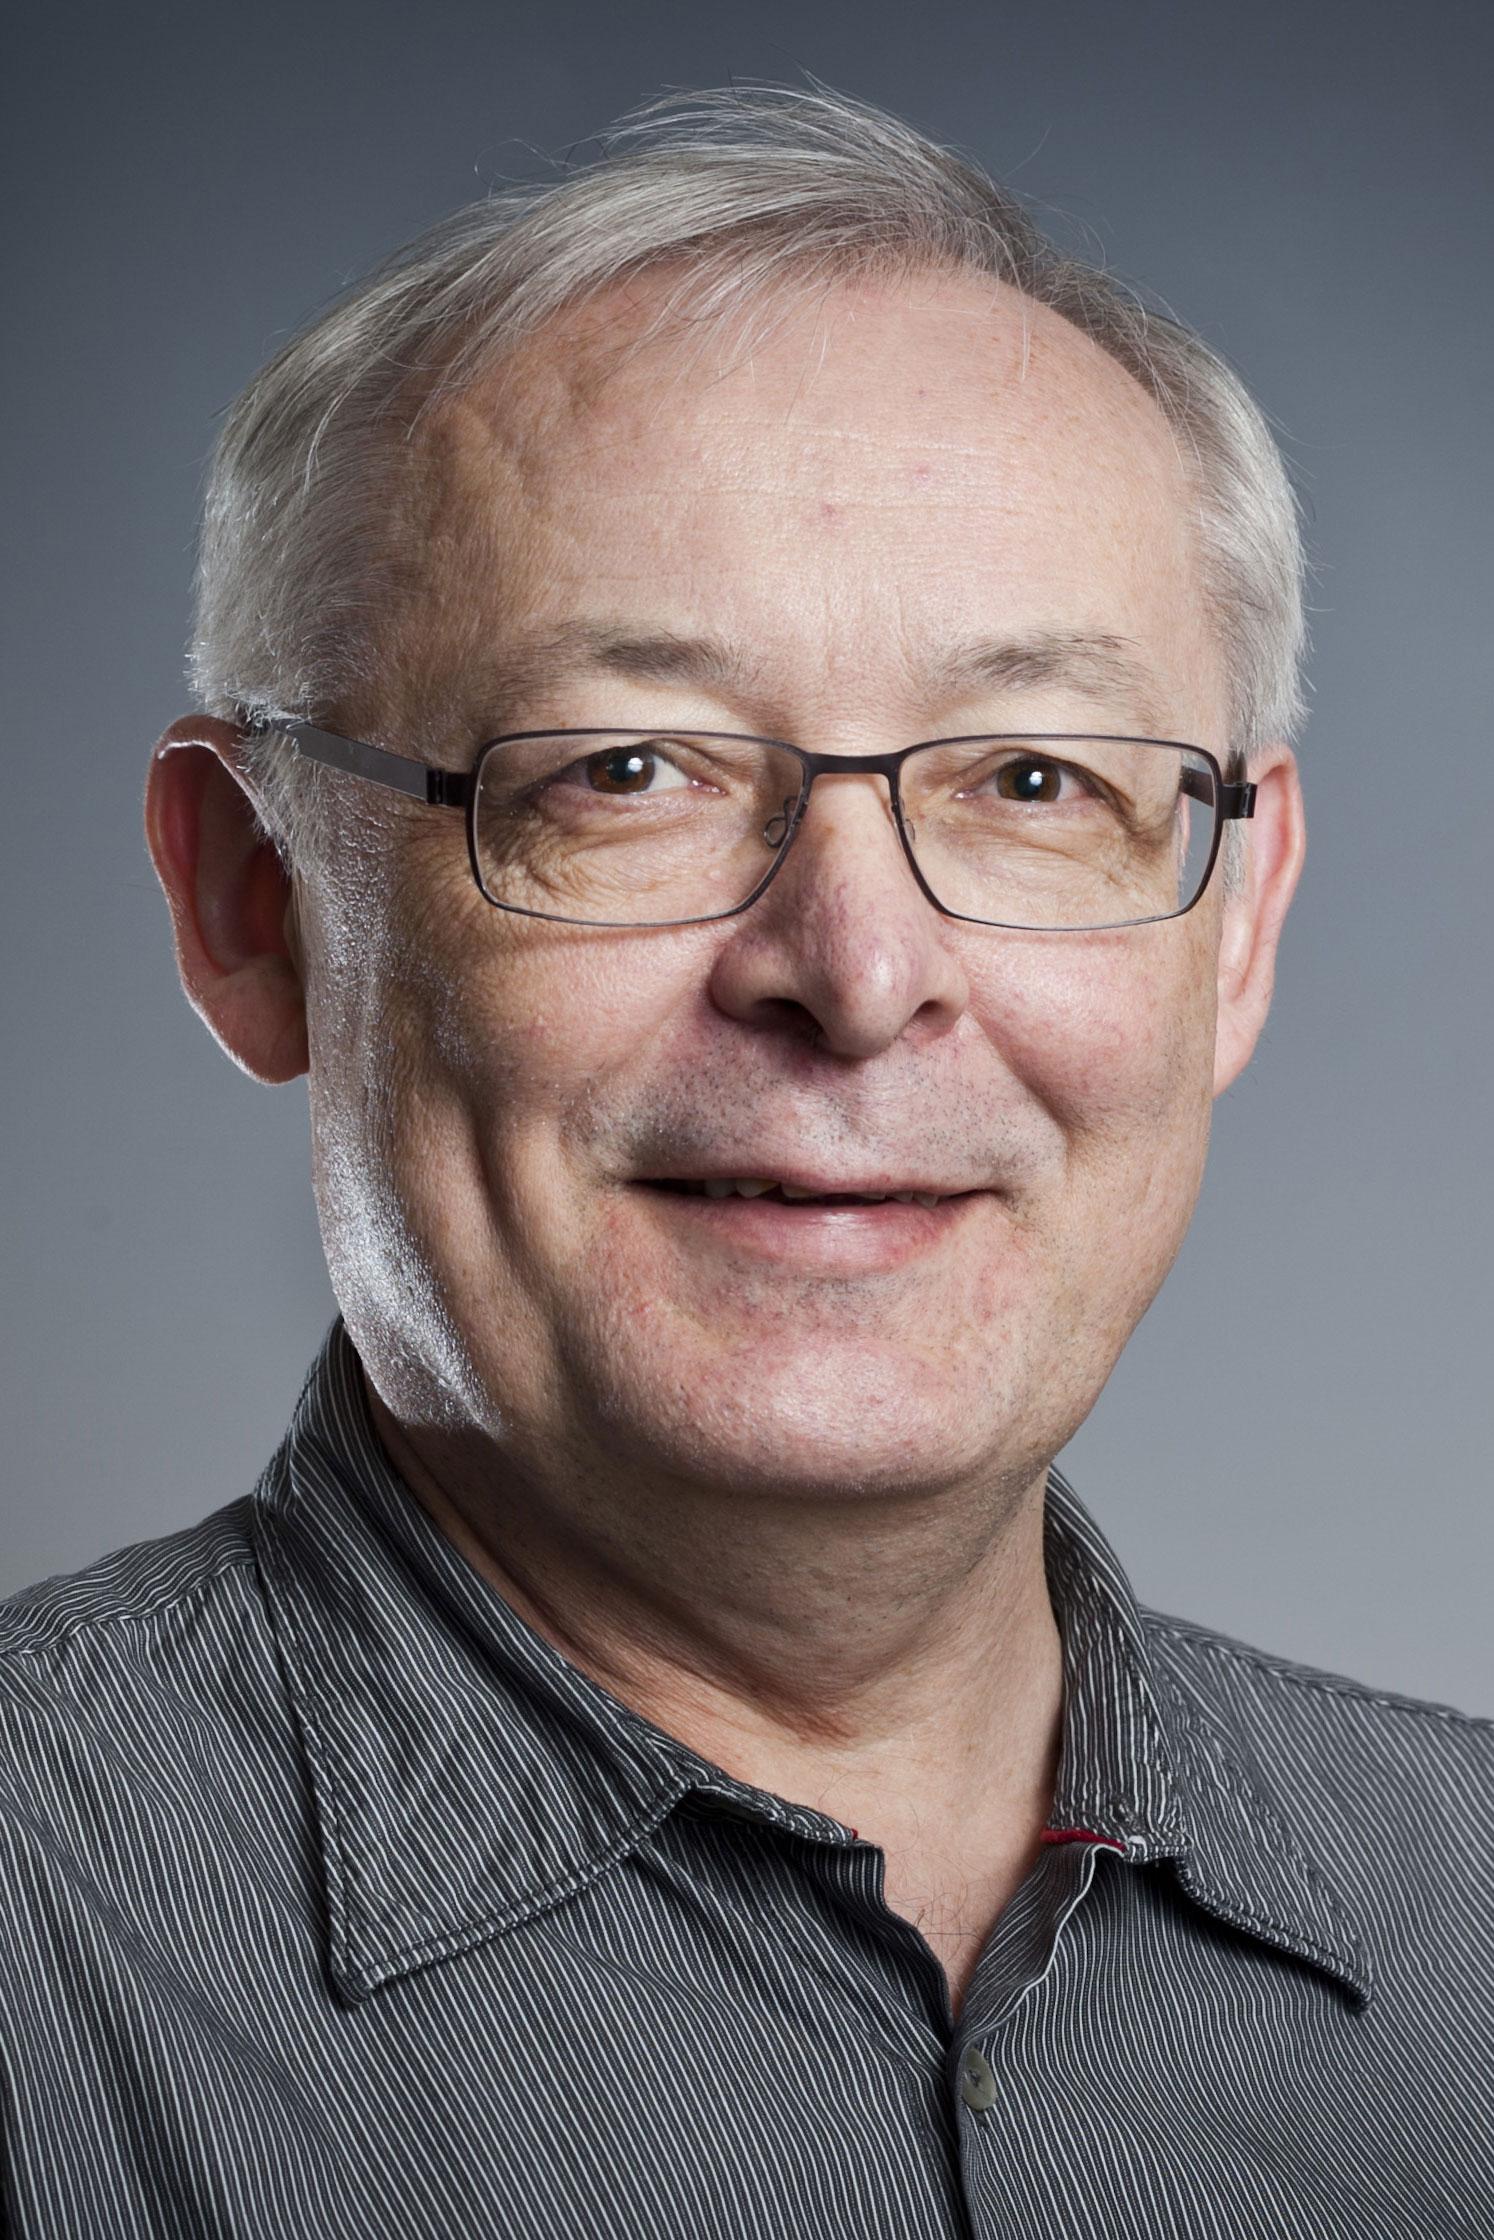 Jørgen Brøchner Jespersen